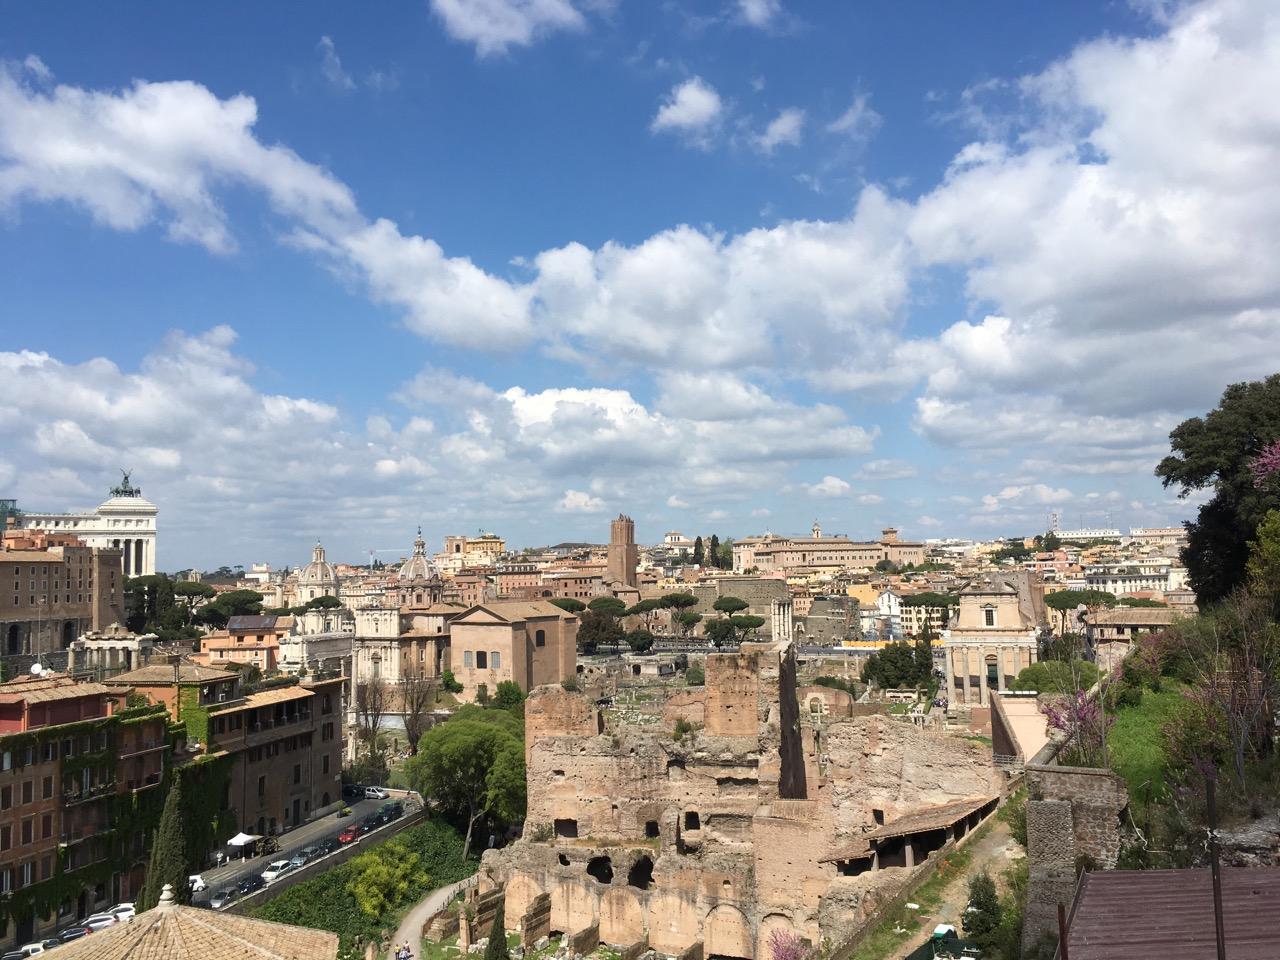 在一个观景台上,俯瞰罗马市区